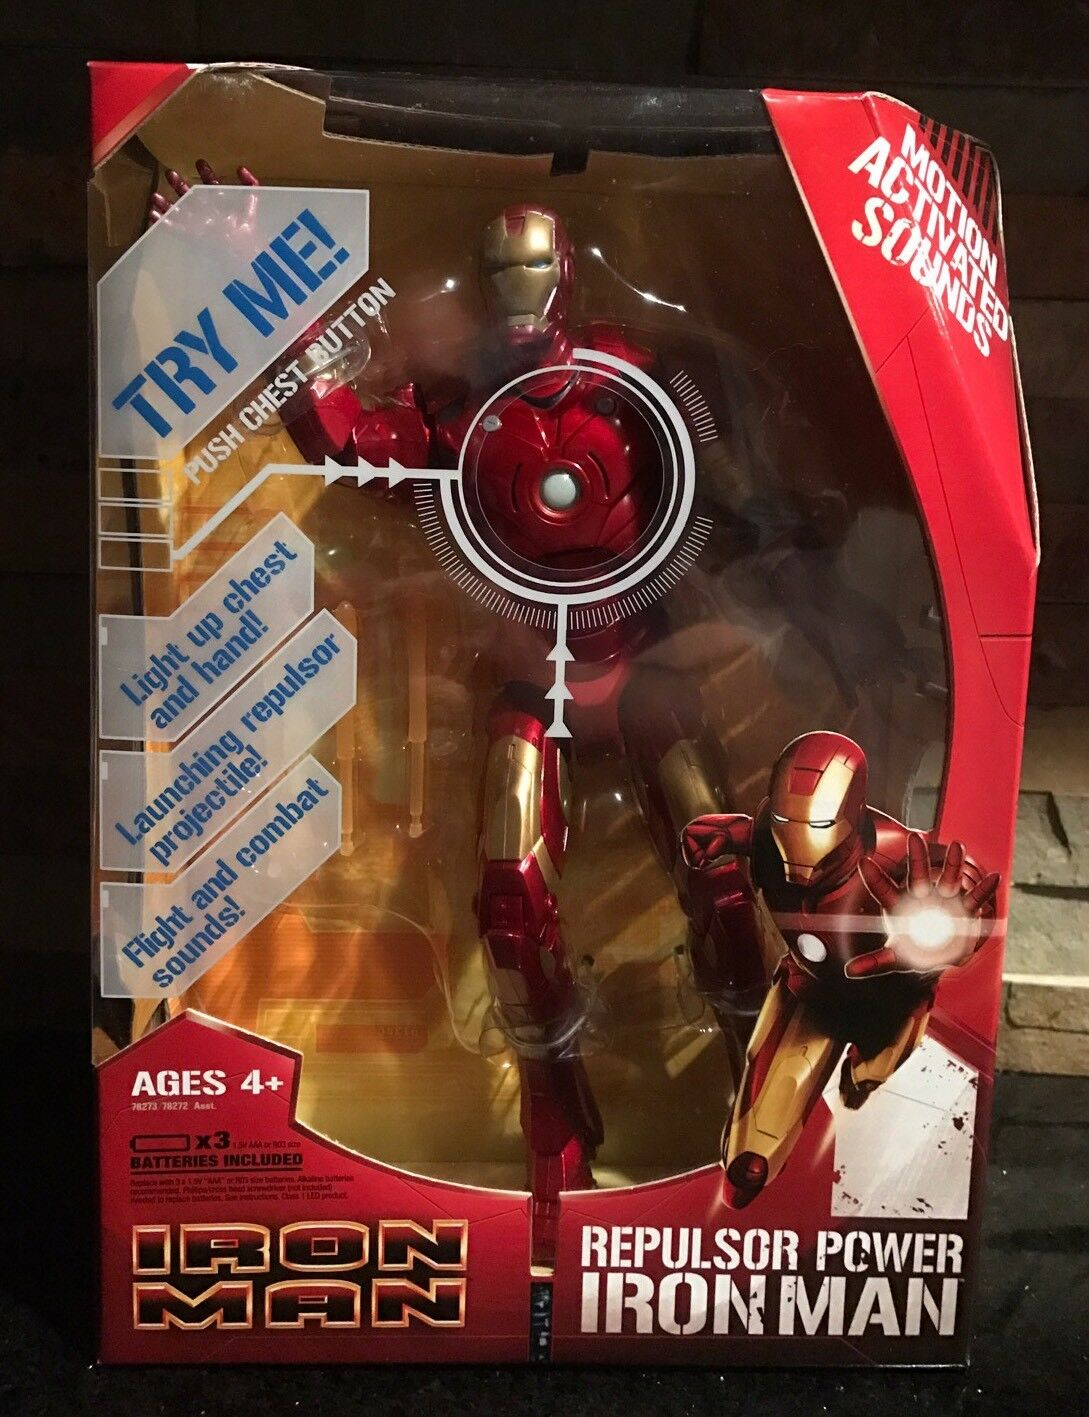 Iron man repulsor macht bewegung aktiviert hasbro 2008